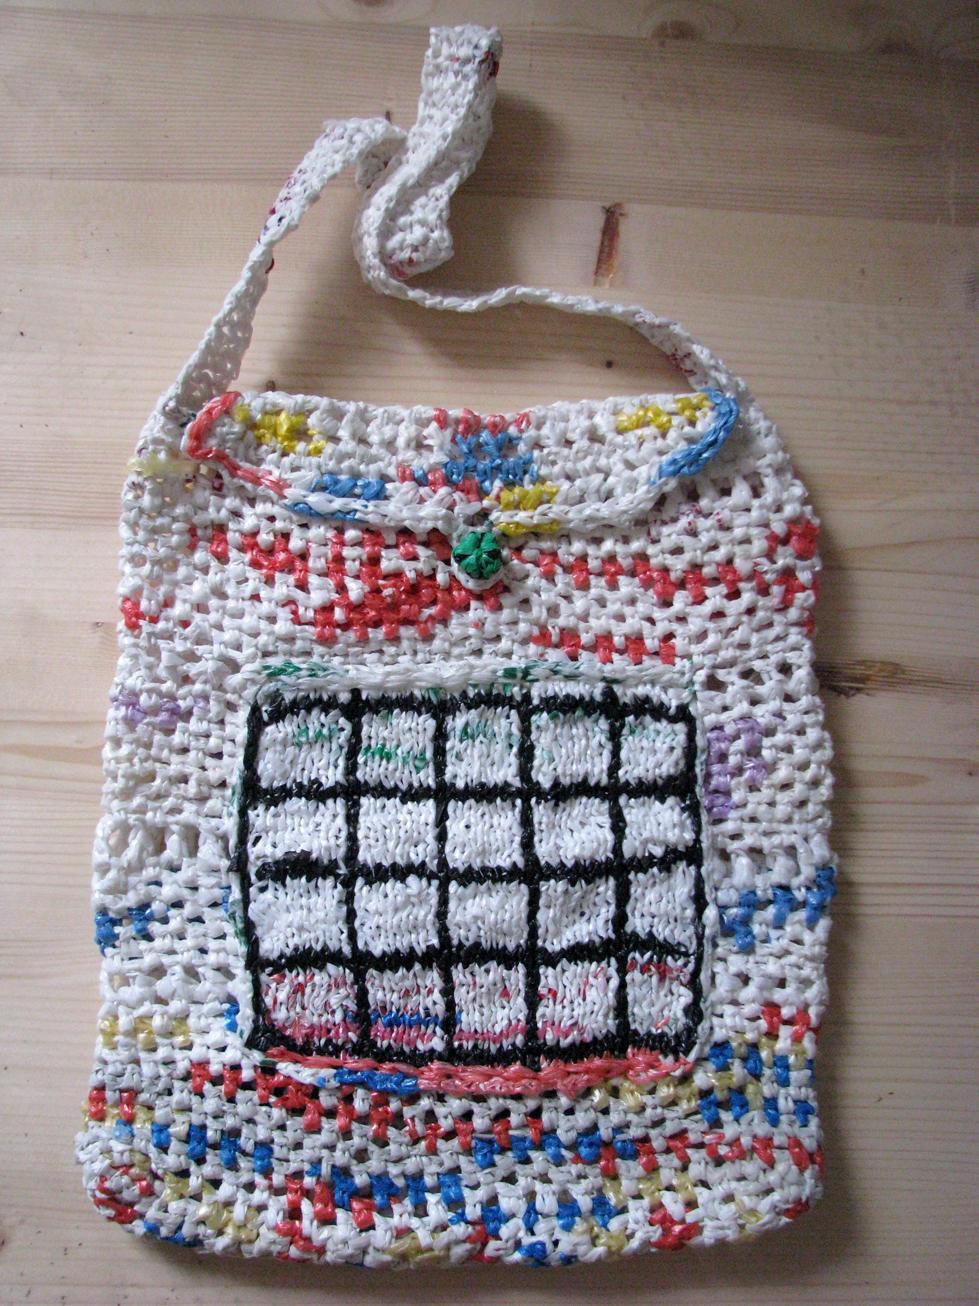 Crochet Pattern For Bags Plastic : plastic bag